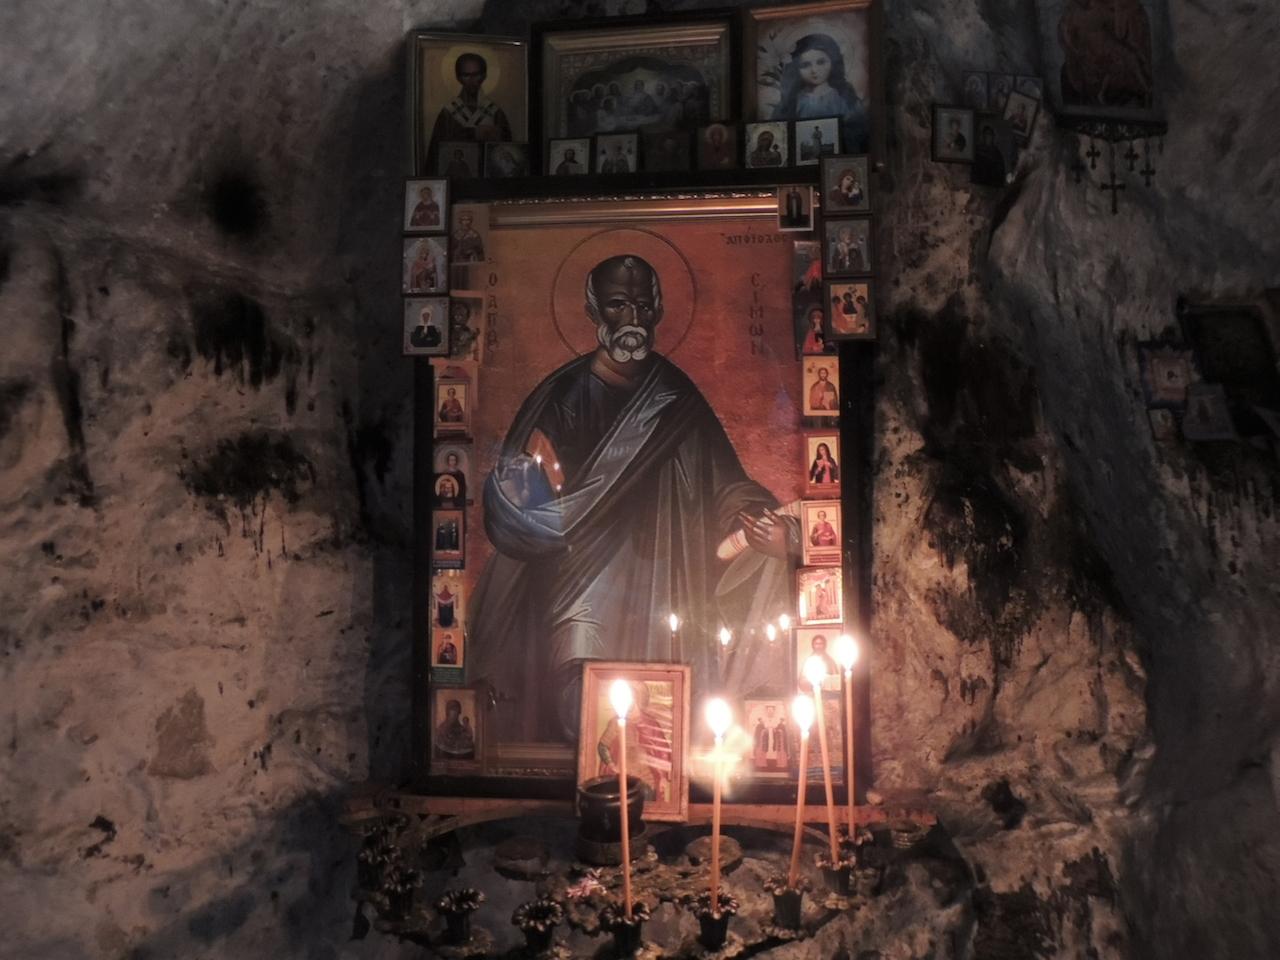 Абхазия Новый Афон Парк Келья грот святого Апостола Симона Кананита 14 марта 2015 г., 16-056.JPG